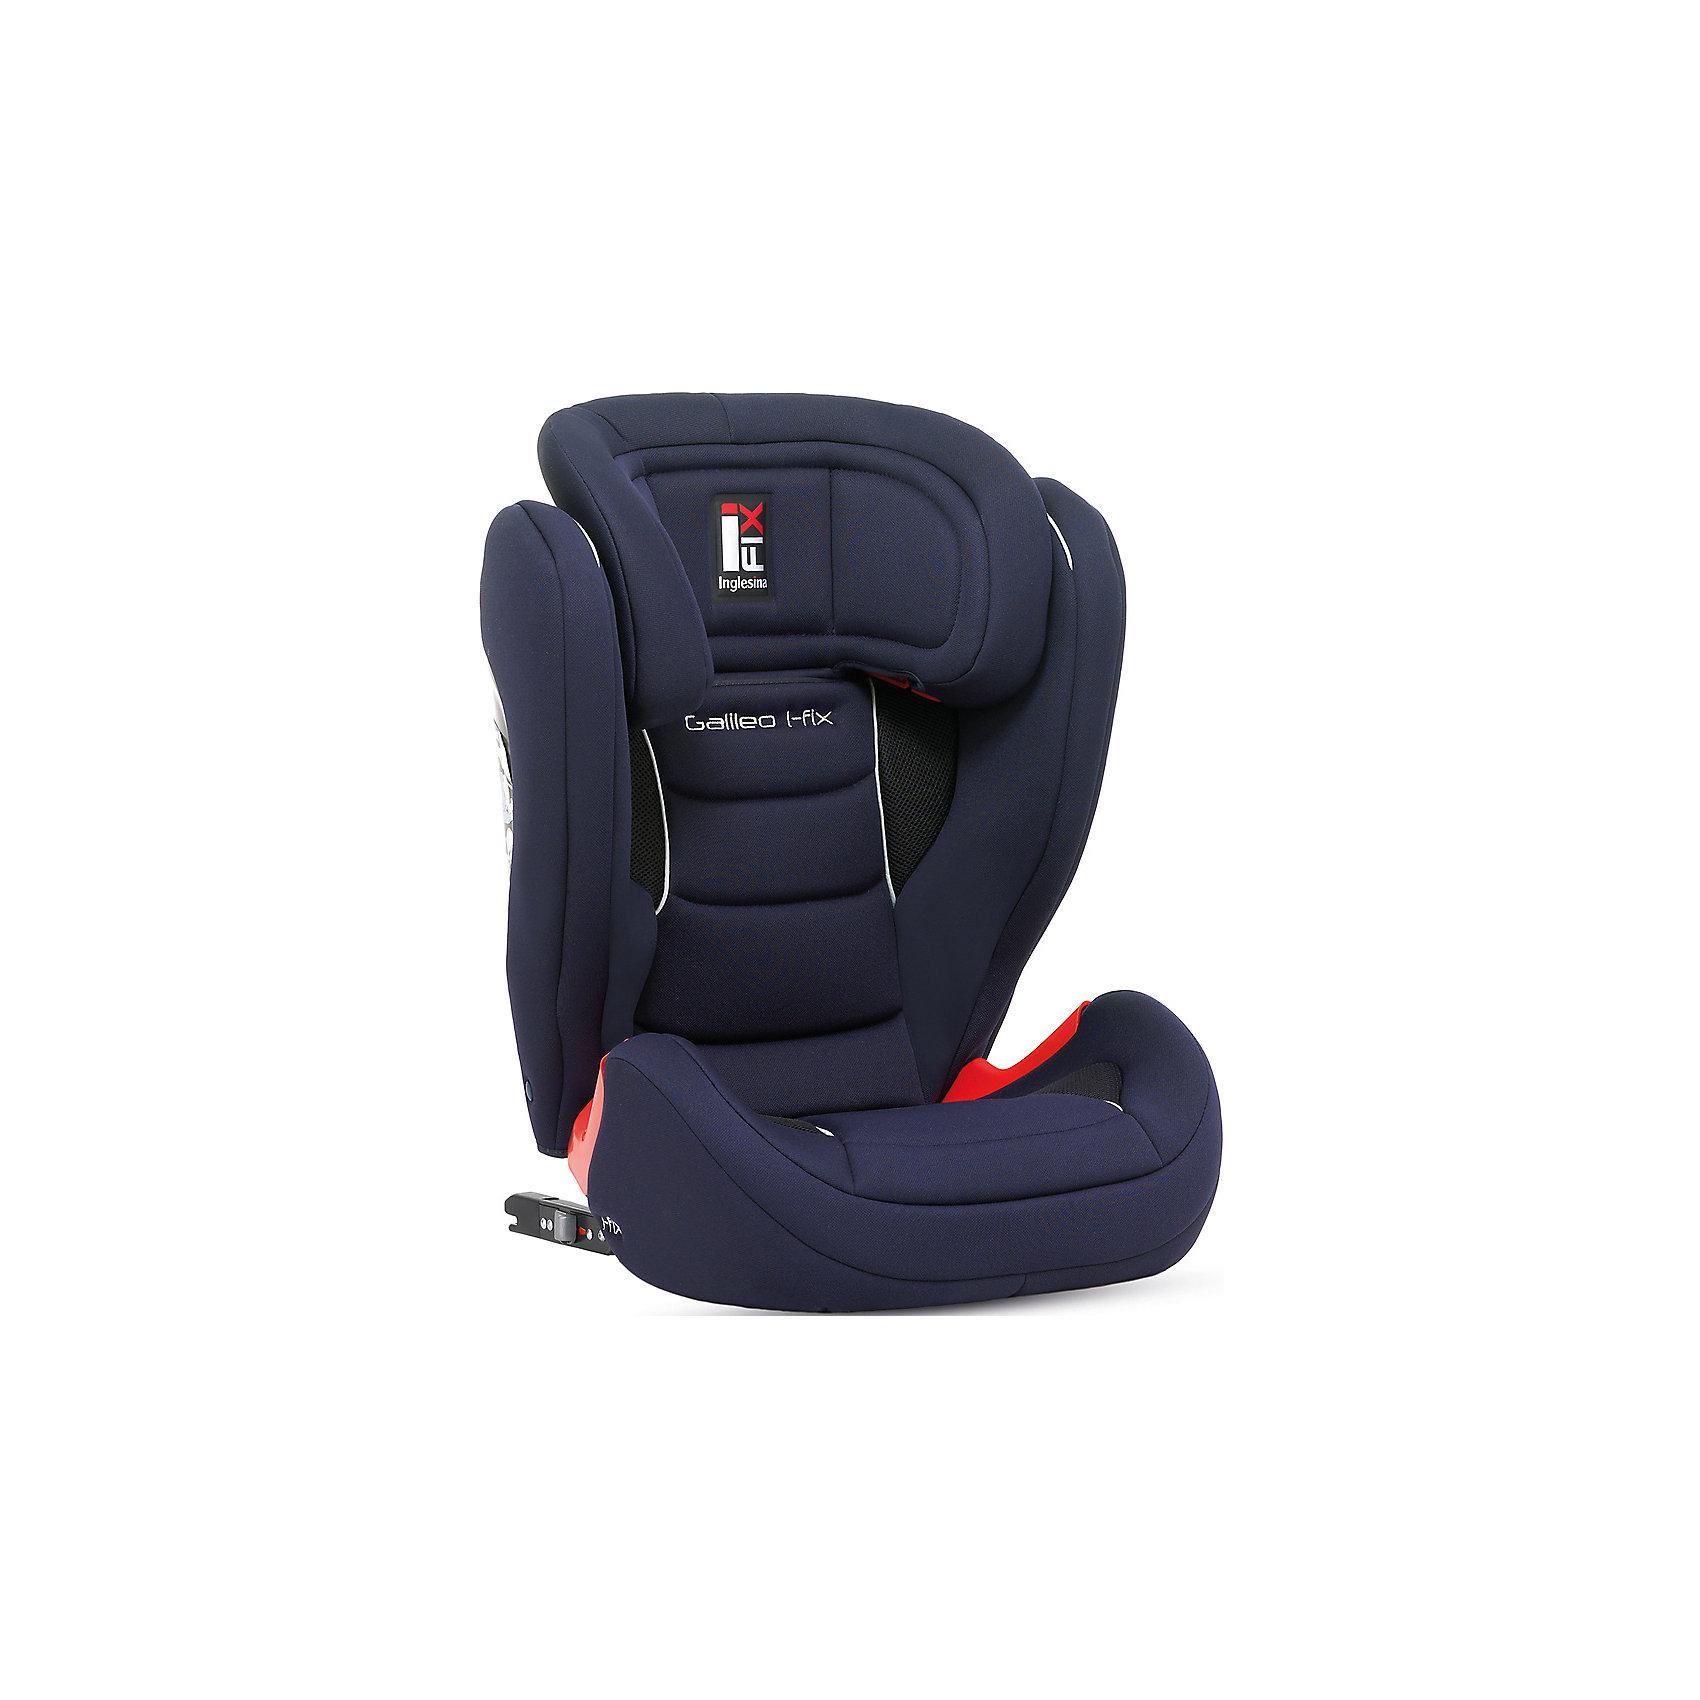 Автокресло Inglesina Galileo 15-36 кг, Blue